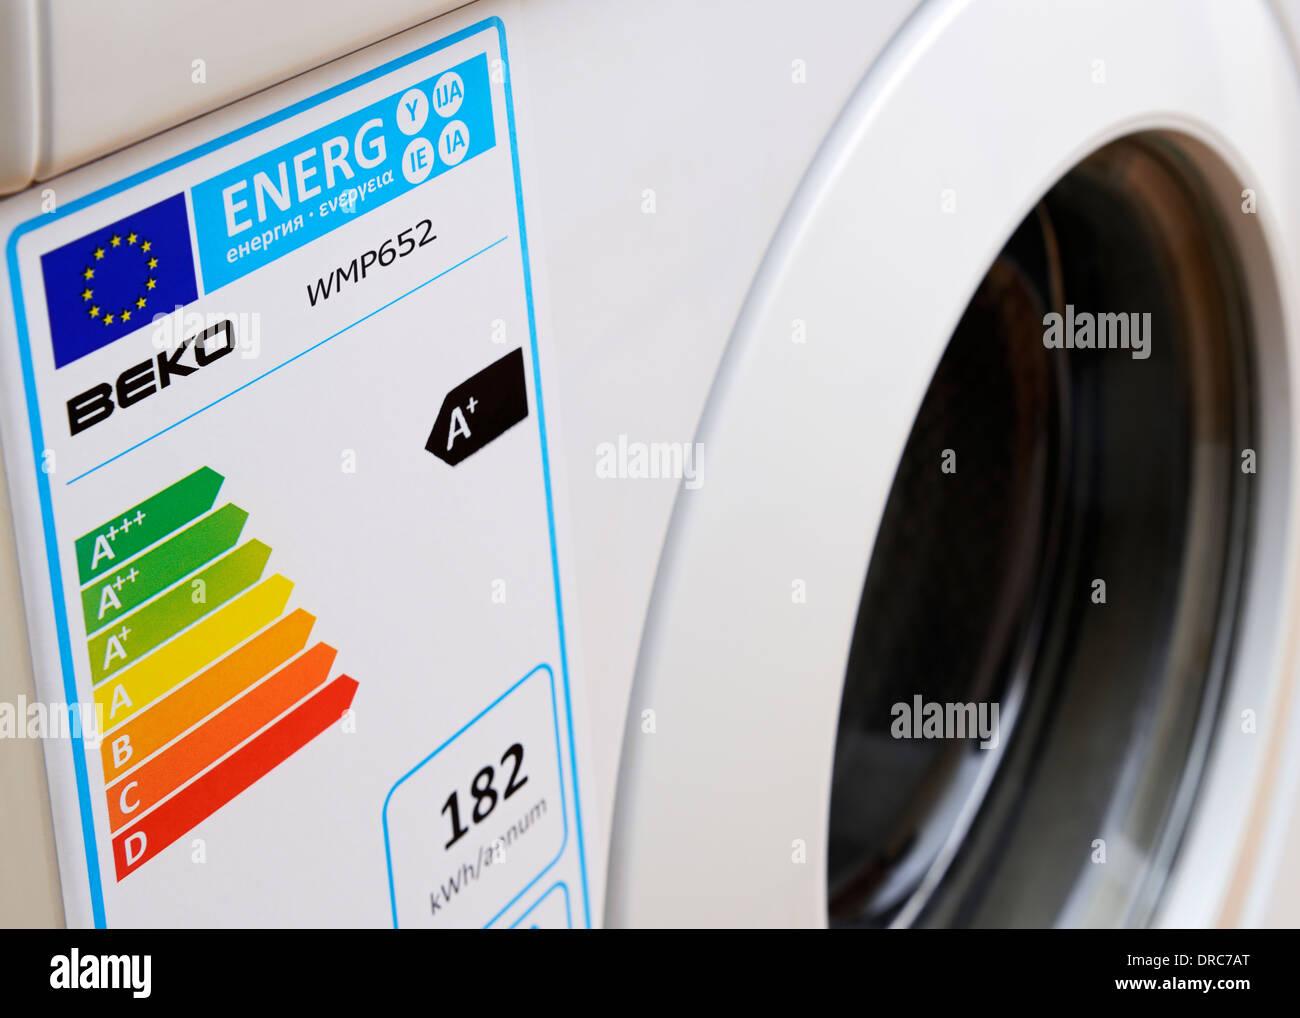 El consumo de energía de la Unión Europea la etiqueta en una lavadora. Imagen De Stock